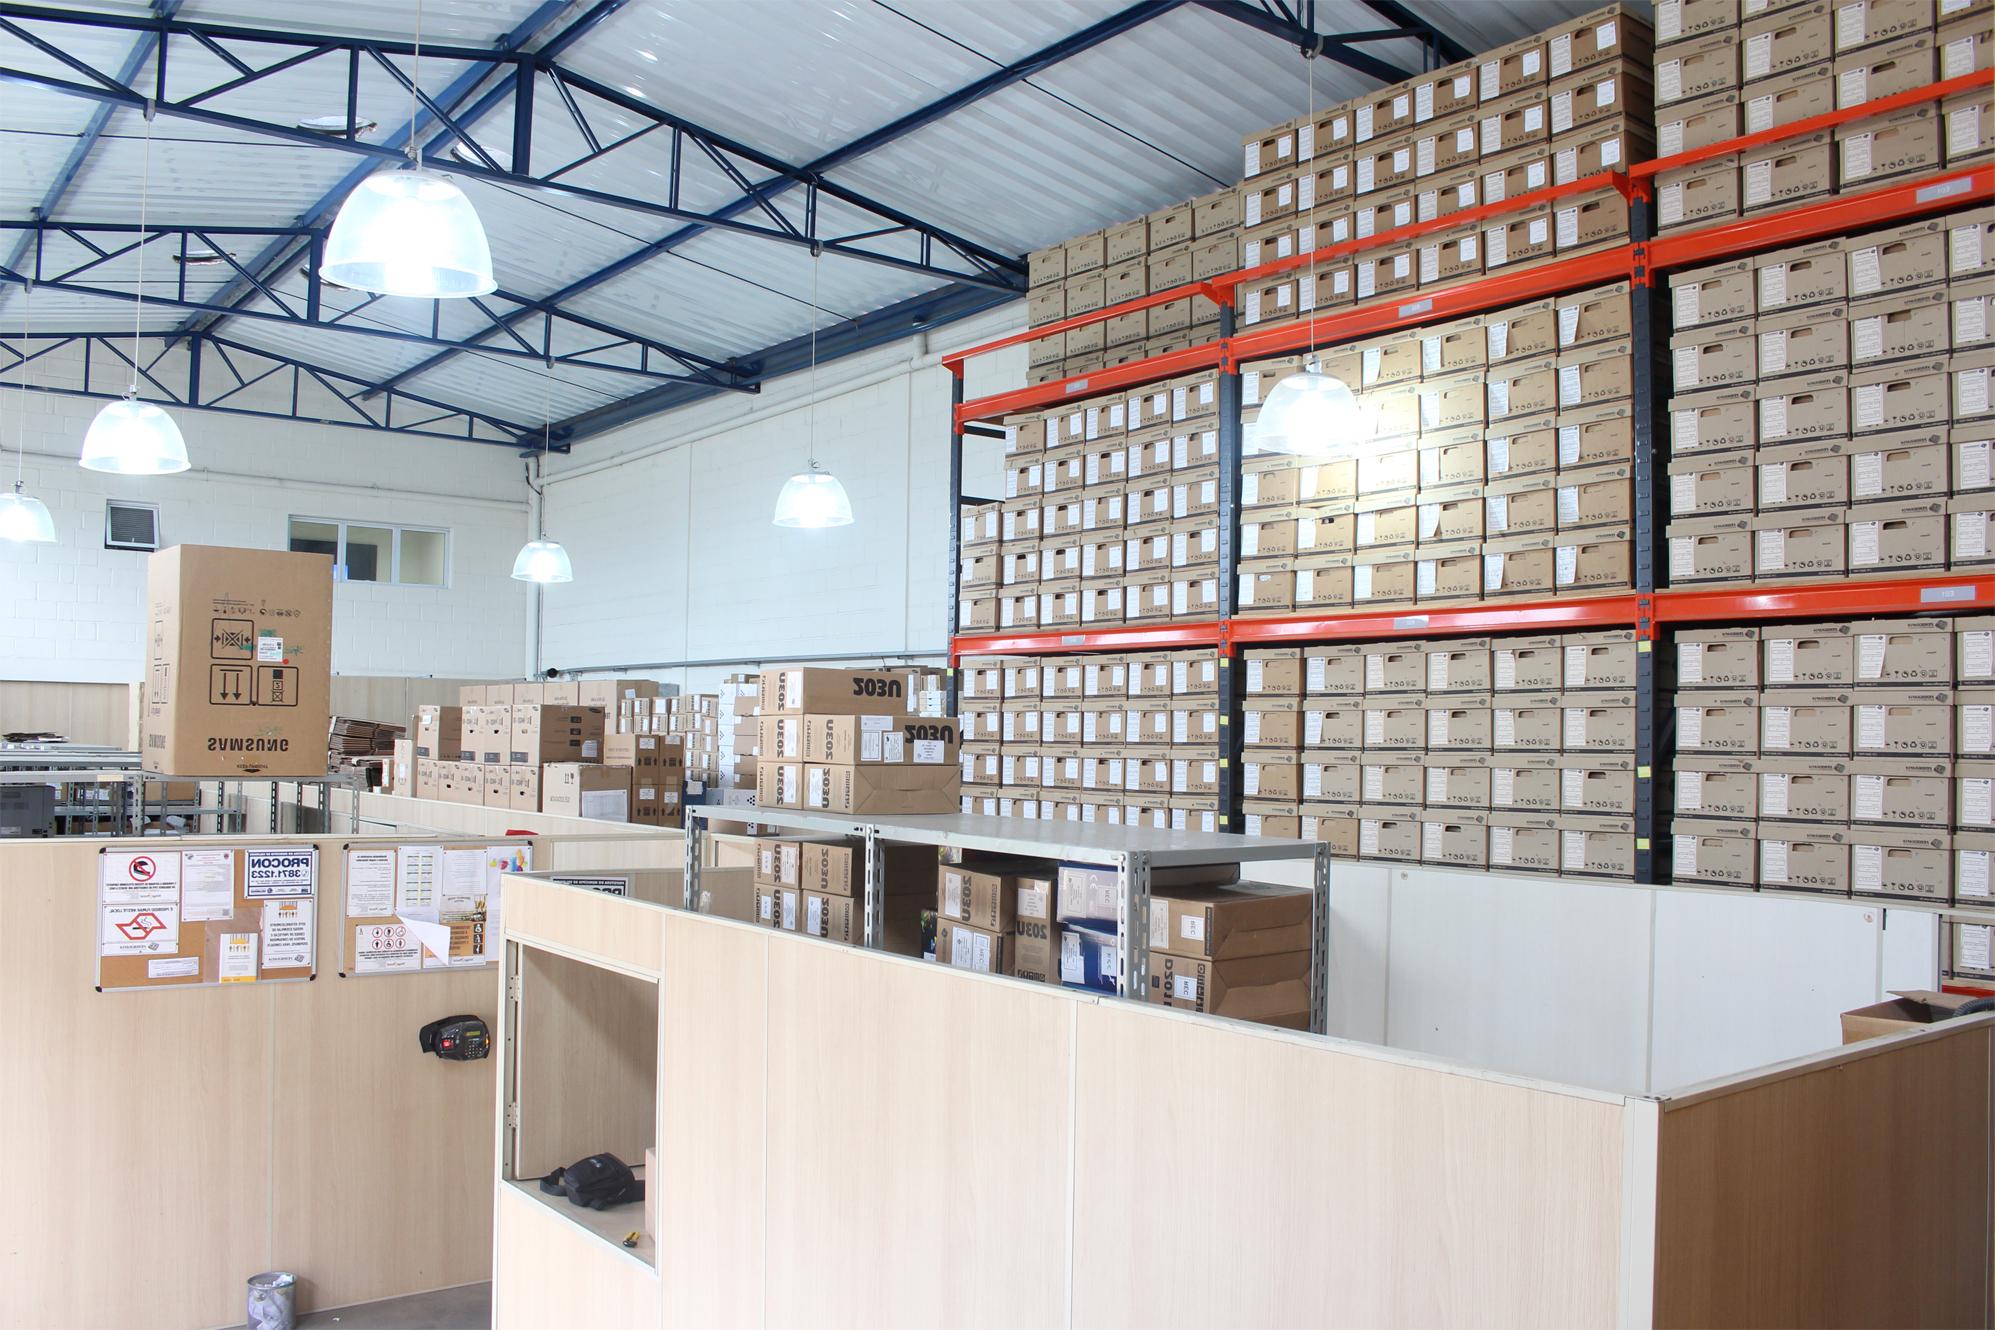 Prateleira com caixas | Xerografia - Gestão de Documentos Campinas